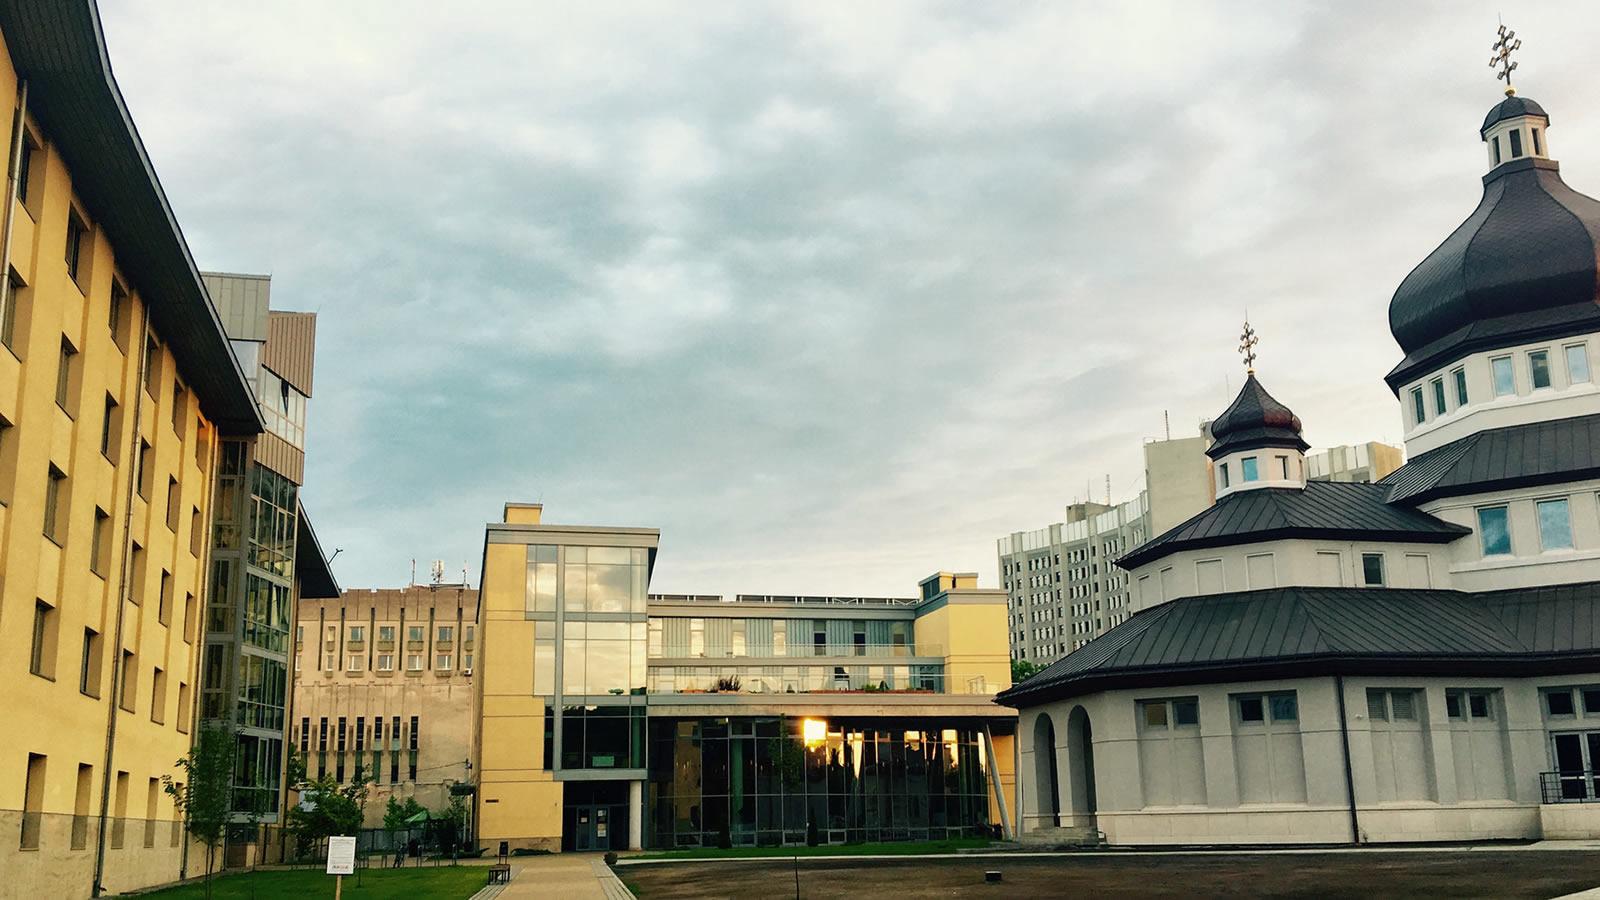 Ukrainian Catholic University Campus